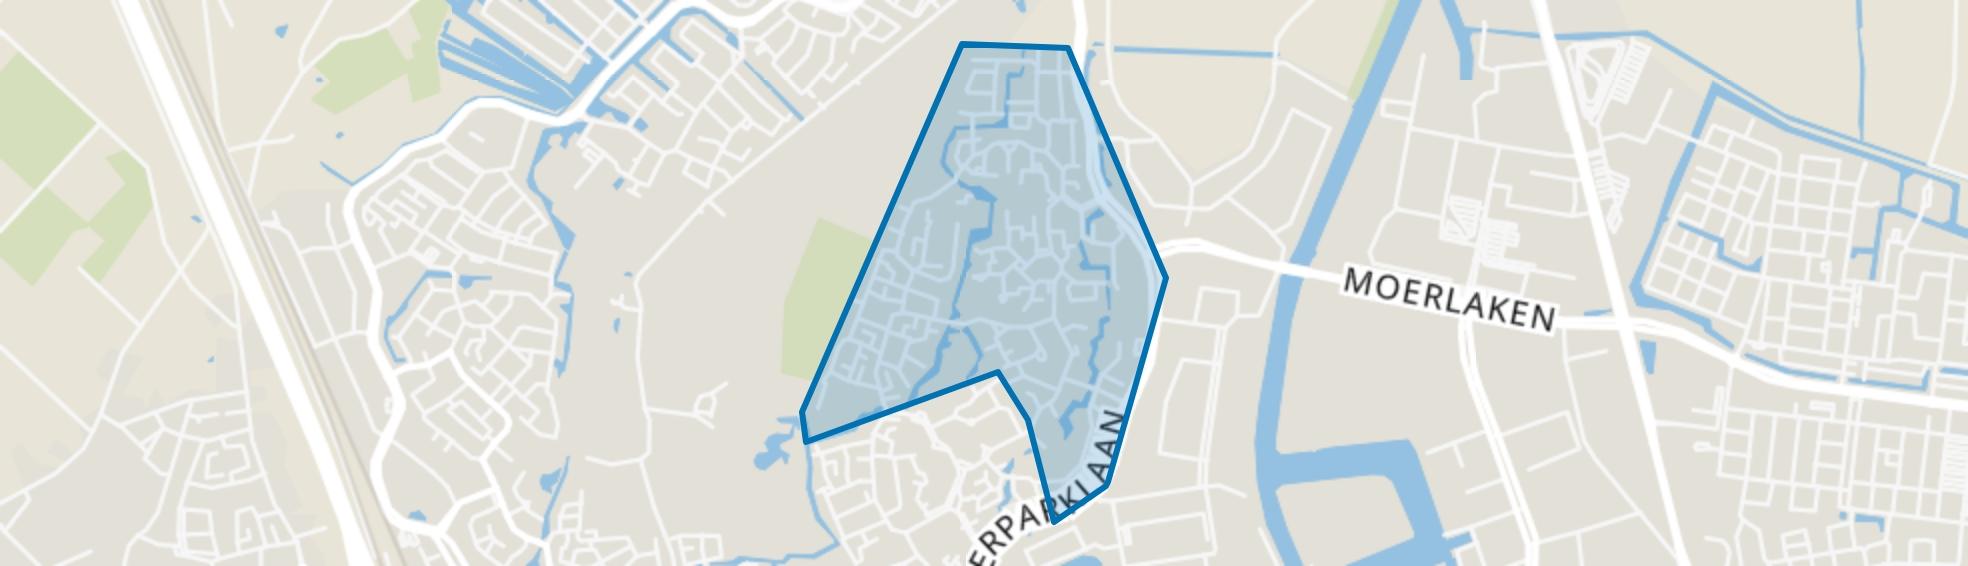 Kievitsloop, Breda map